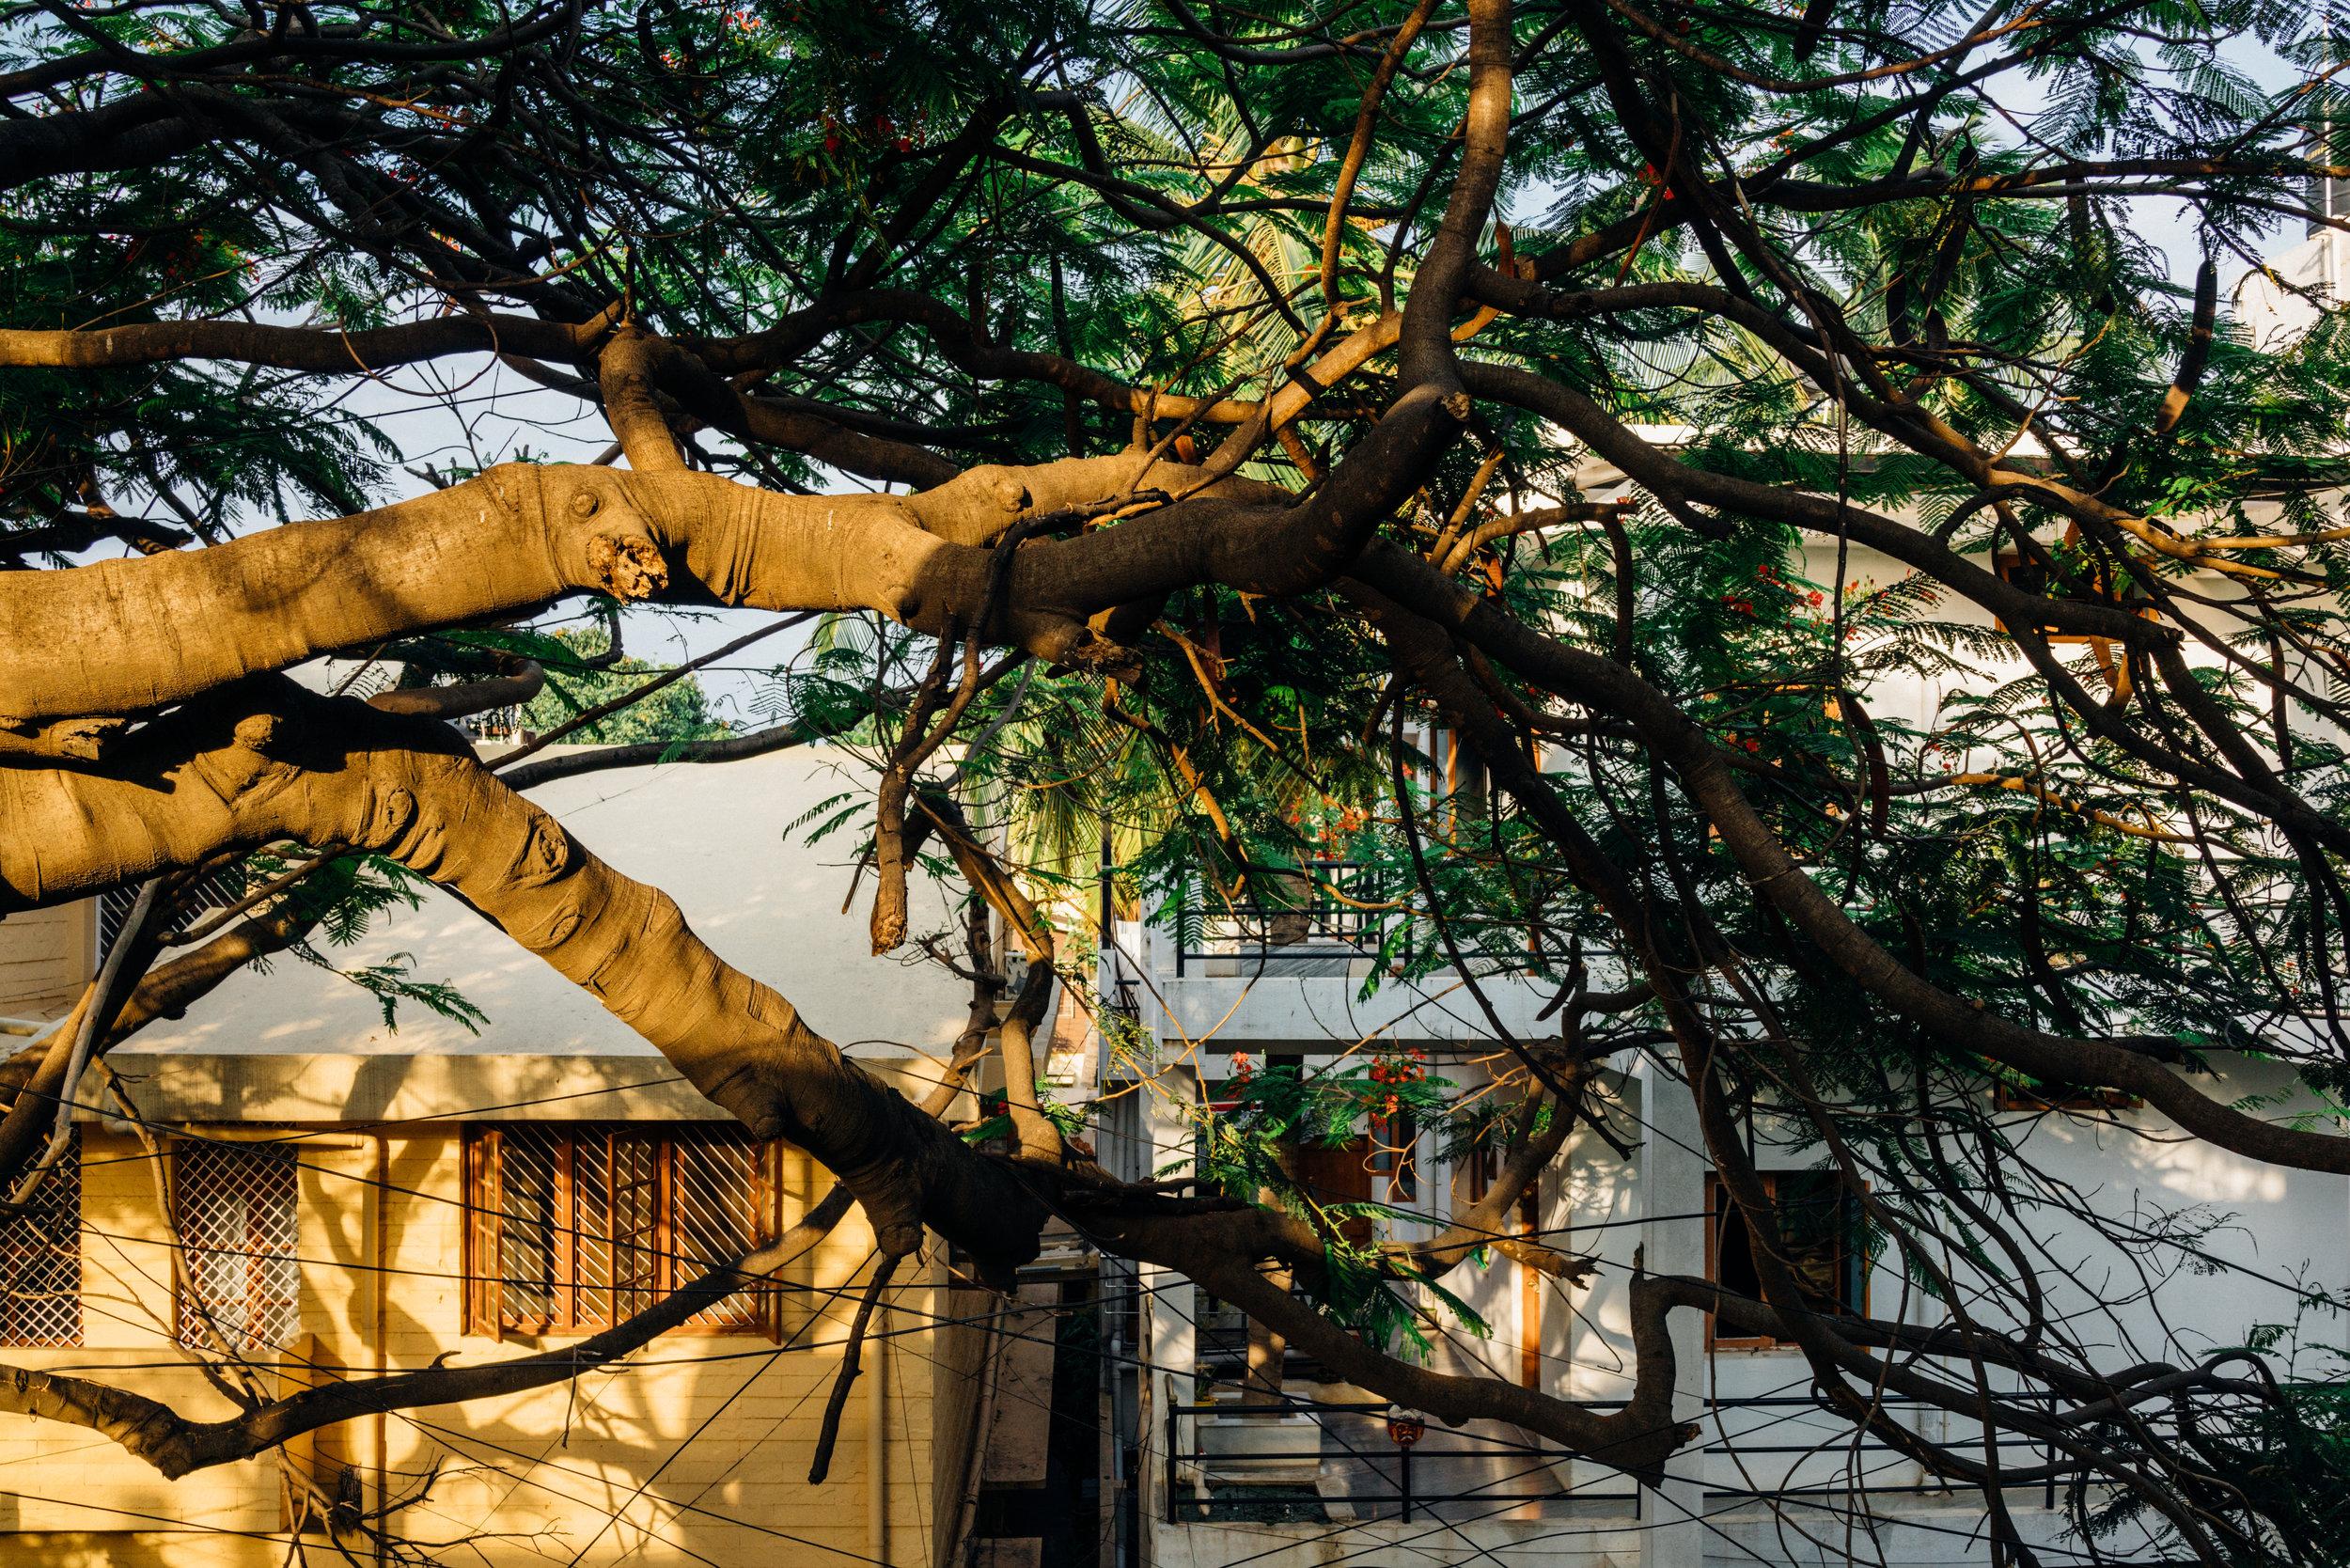 Gulmohar  tree from the balcony at dusk